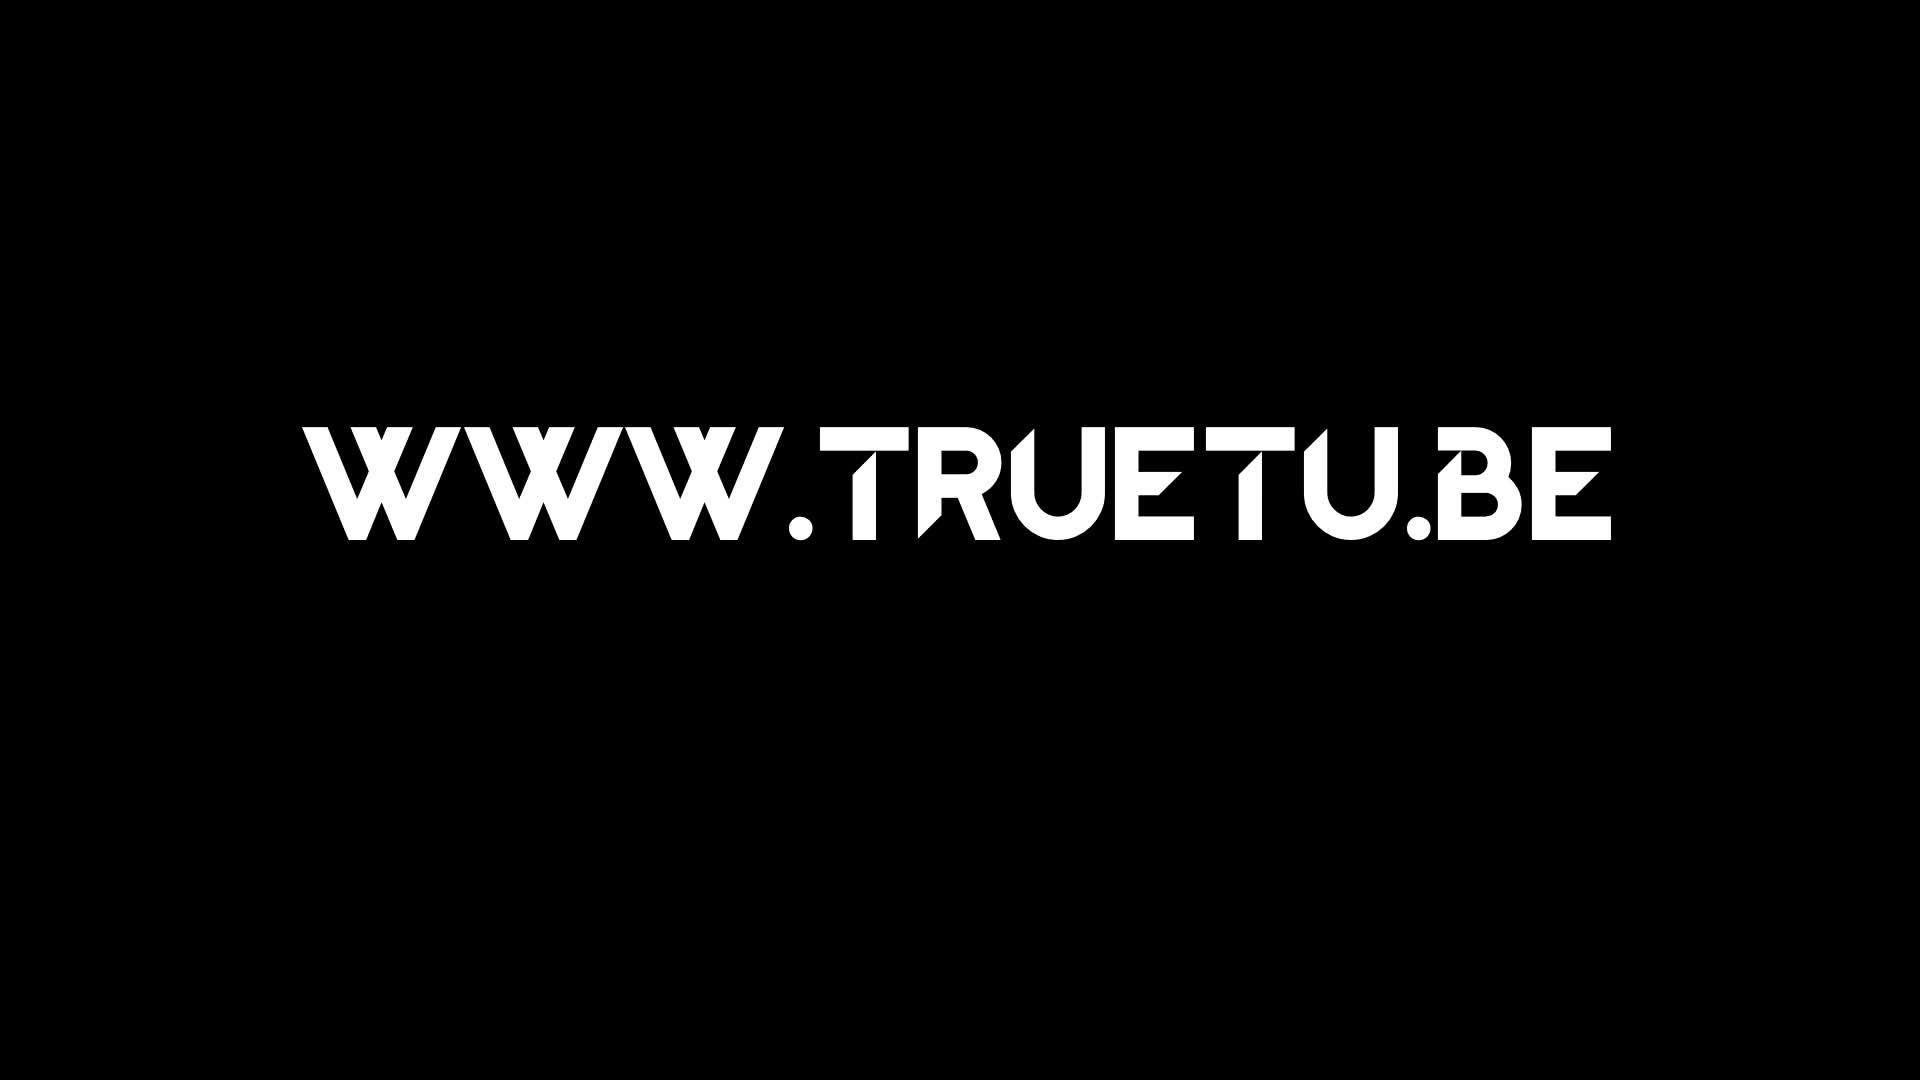 Honoree - Avicii's TrueTube